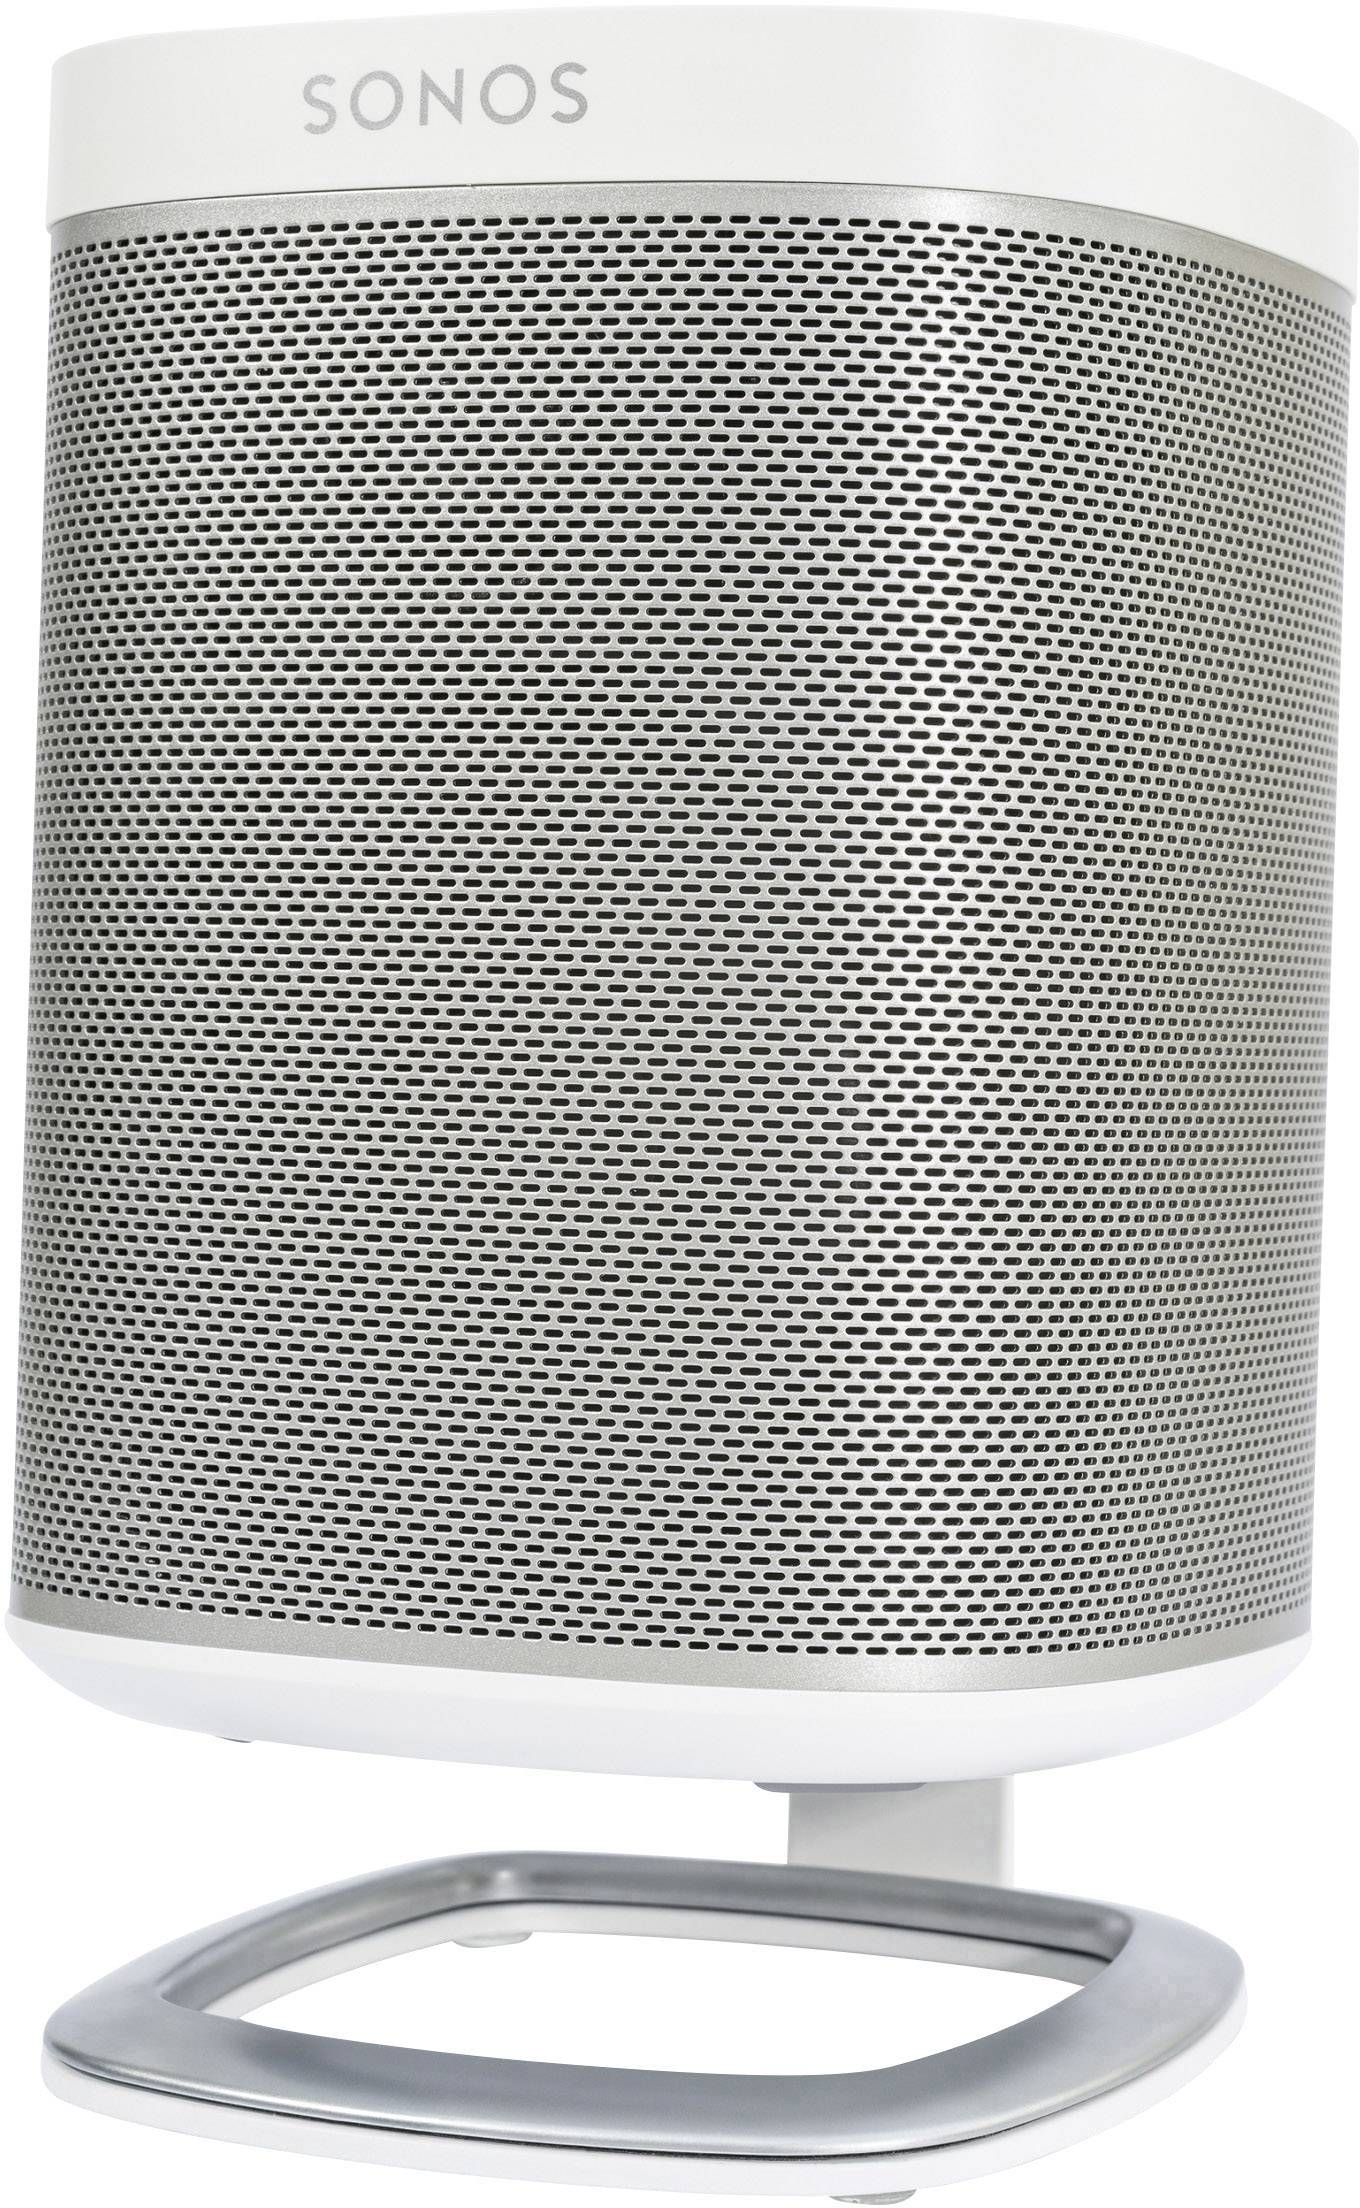 Multiroom Lautsprecher Sonos PLAY:1 WLAN, LAN Inkl. Halterung Weiß